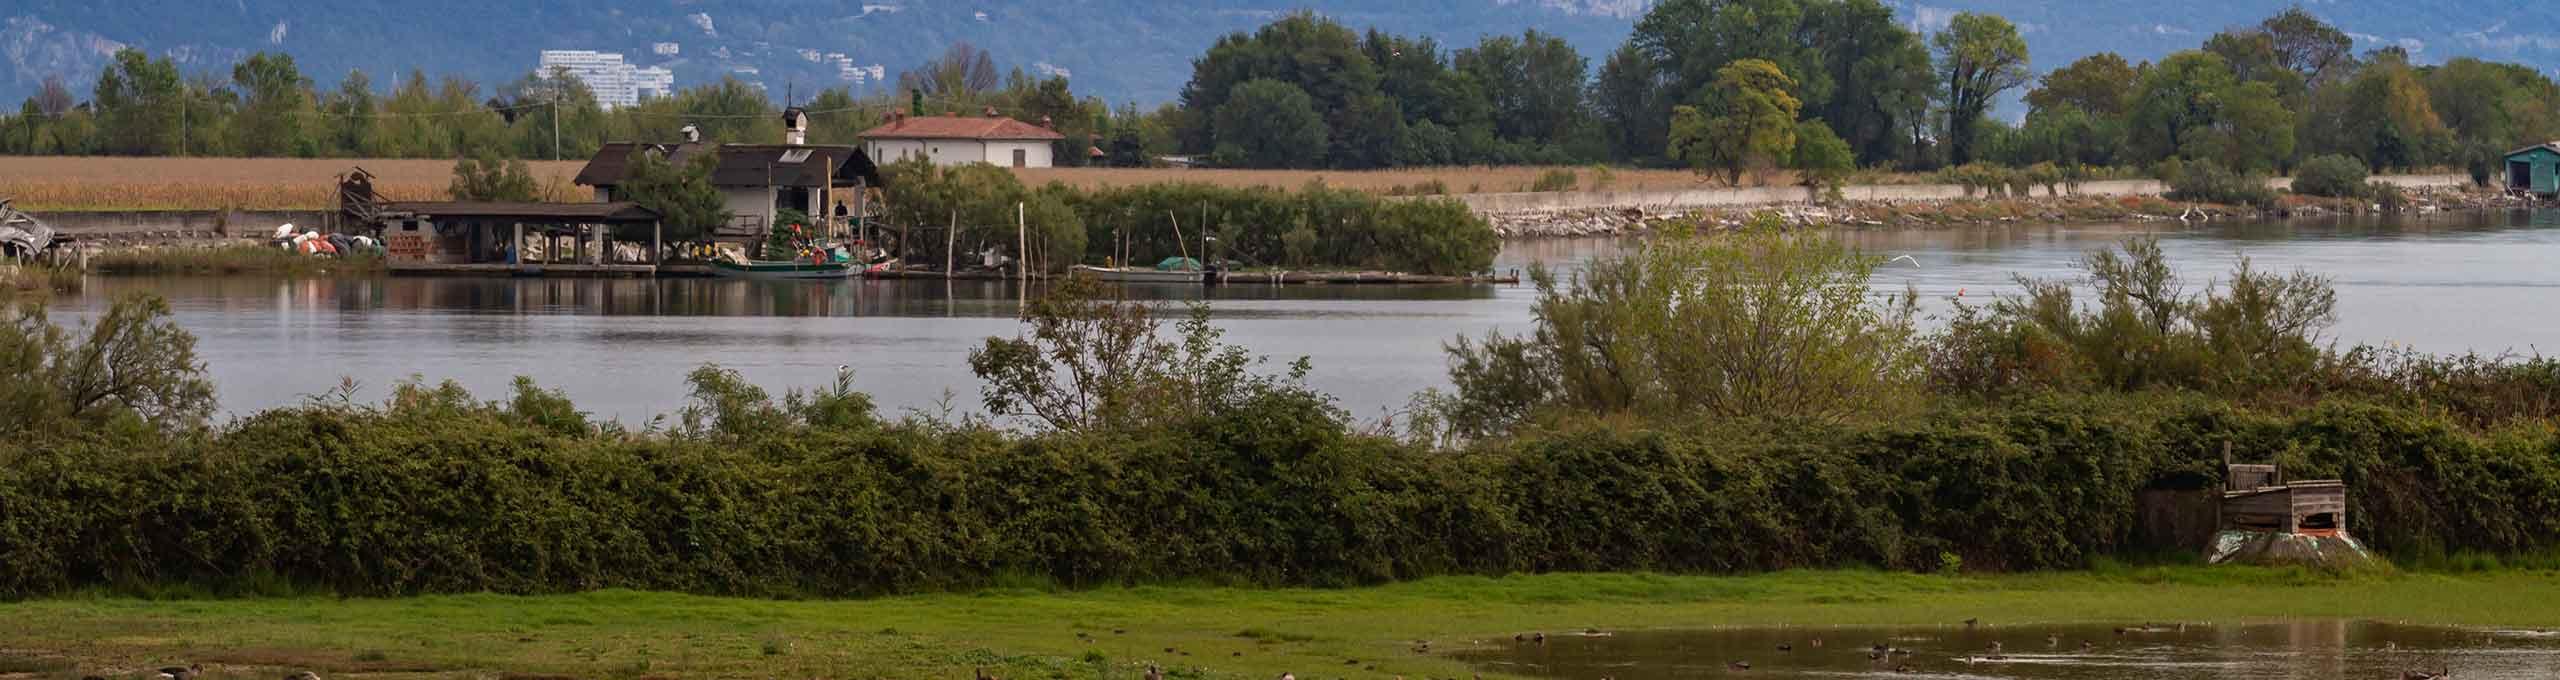 Staranzano, Gorizia Collio e Monfalcone, Riserva Naturale Regionale della Foce dell'Isonzo Isola della Cona